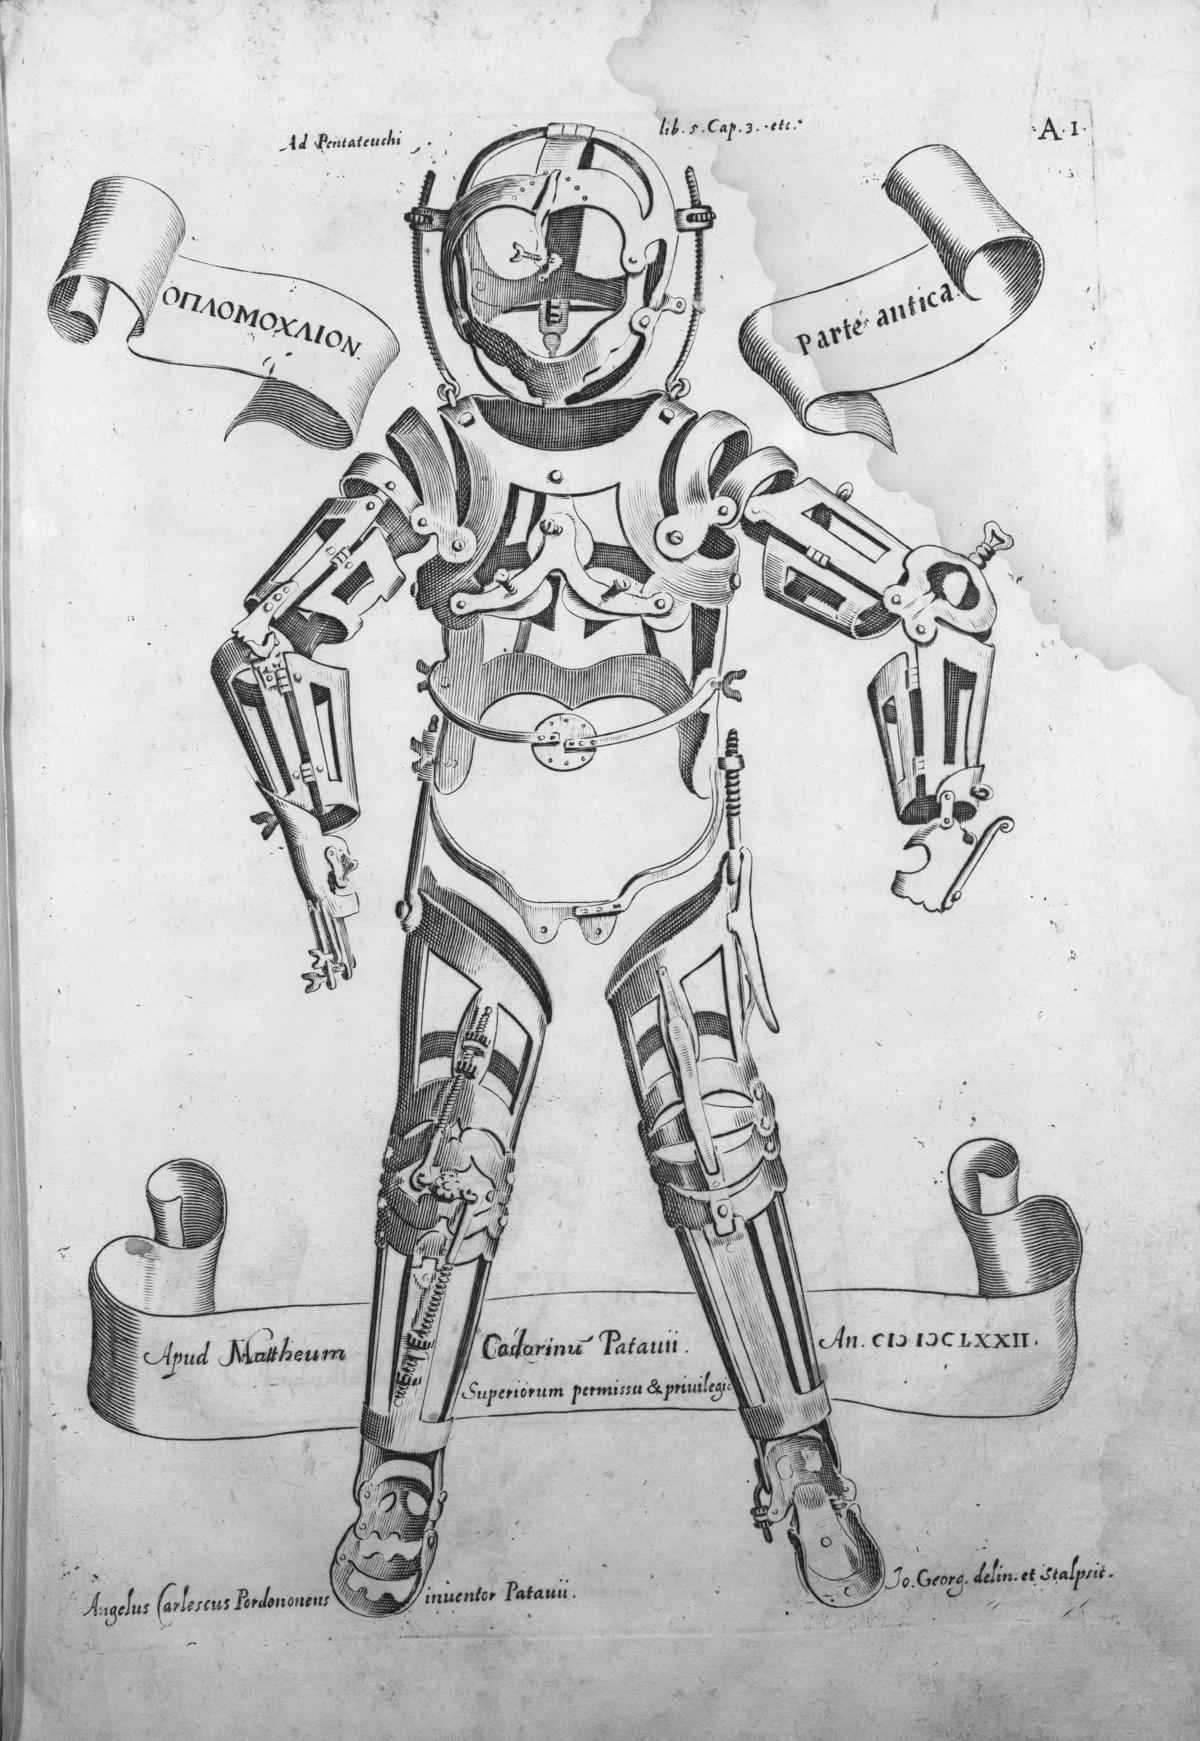 Anatomie - Verletzungen